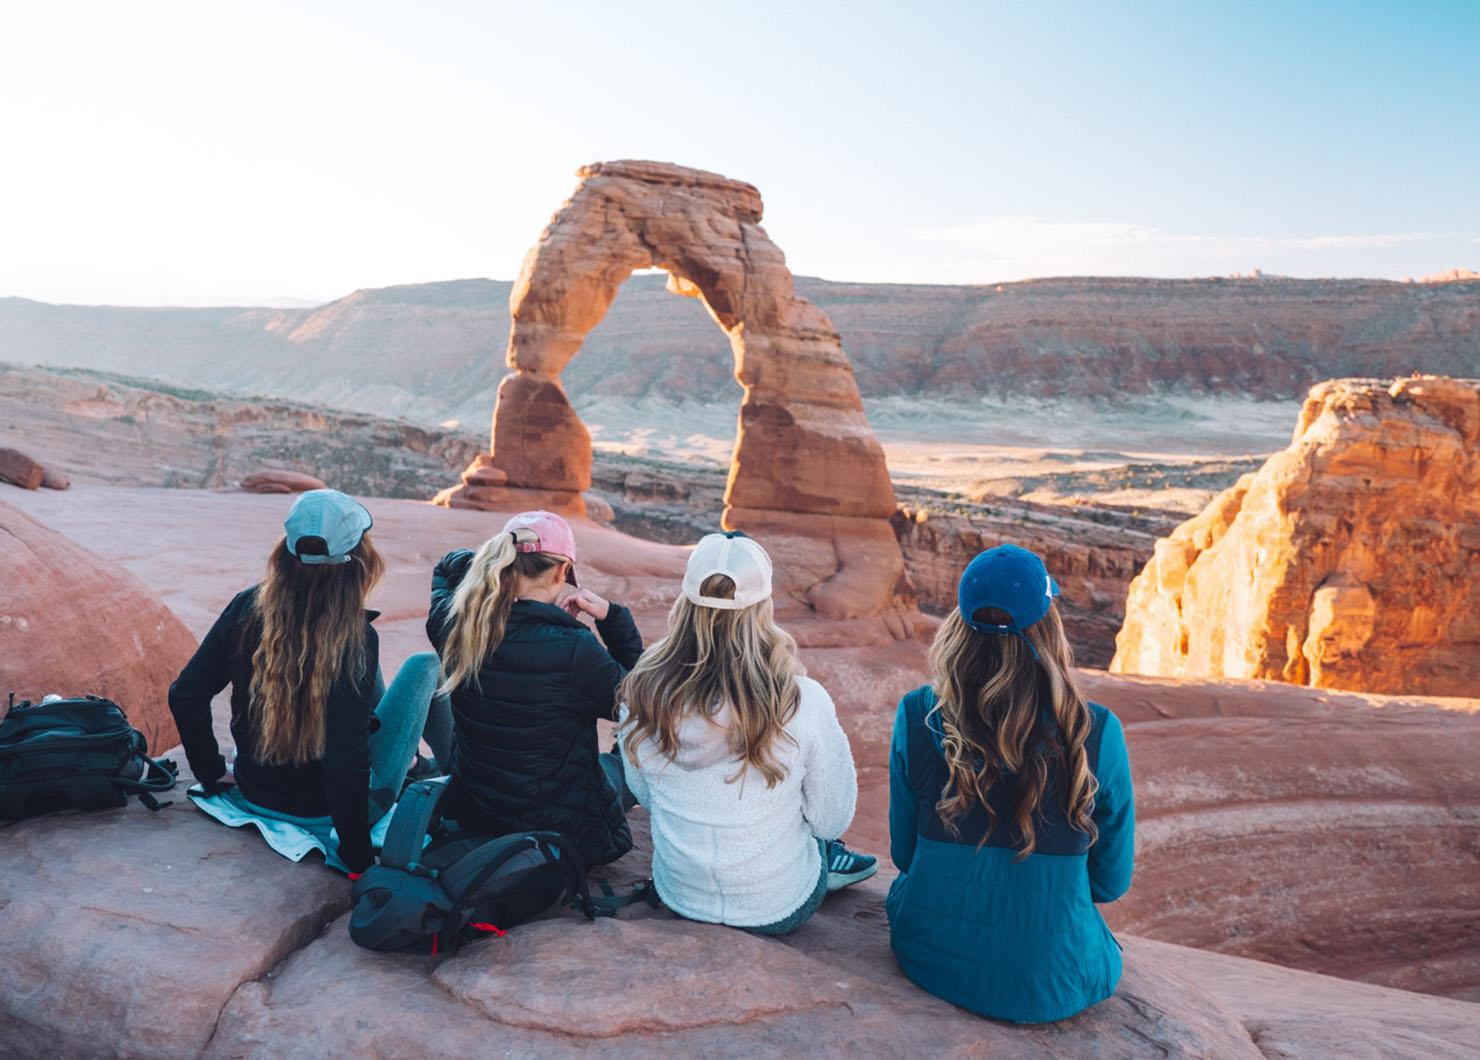 O melhor guia de bem-estar e caminhadas para Moab, Utah • The Blonde Abroad 12